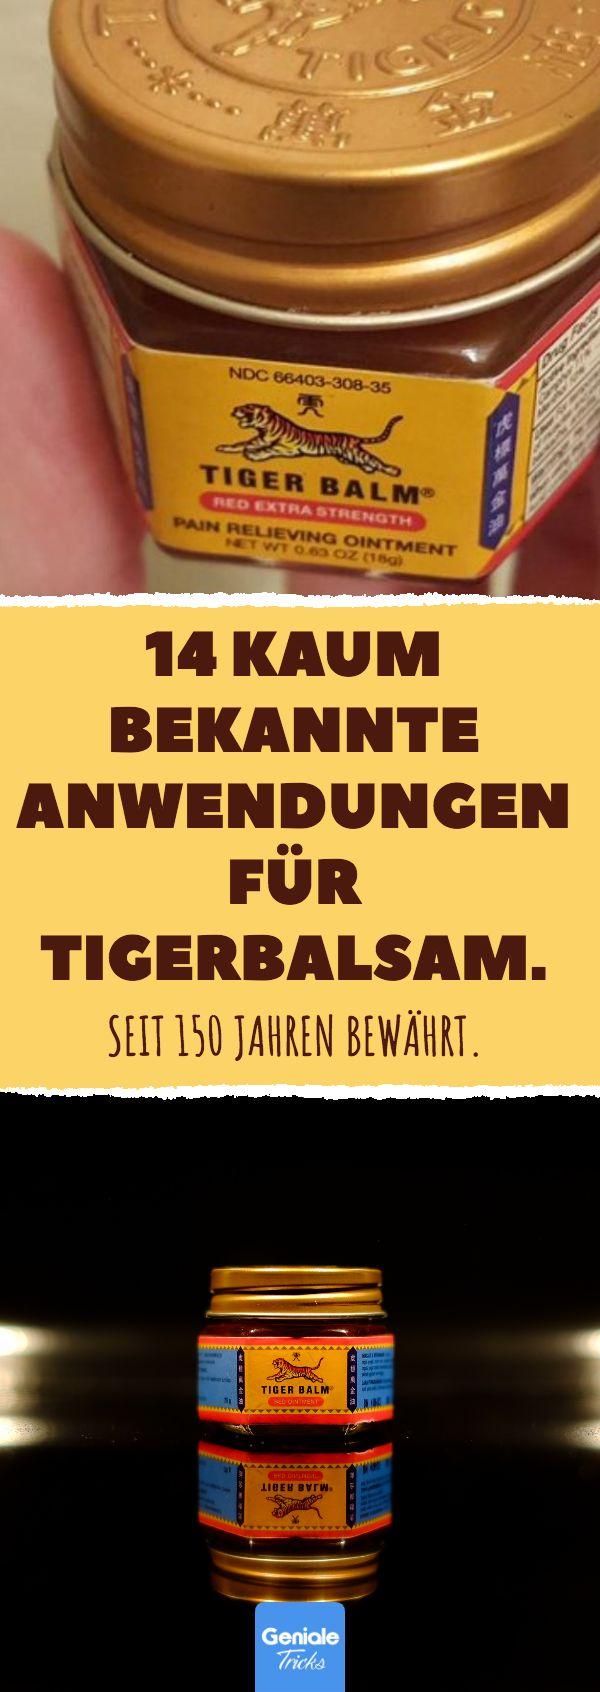 14 kaum bekannte Anwendungen für Tigerbalsam. #tigerbalsam #tiger #balm #mücke… Geniale Tricks